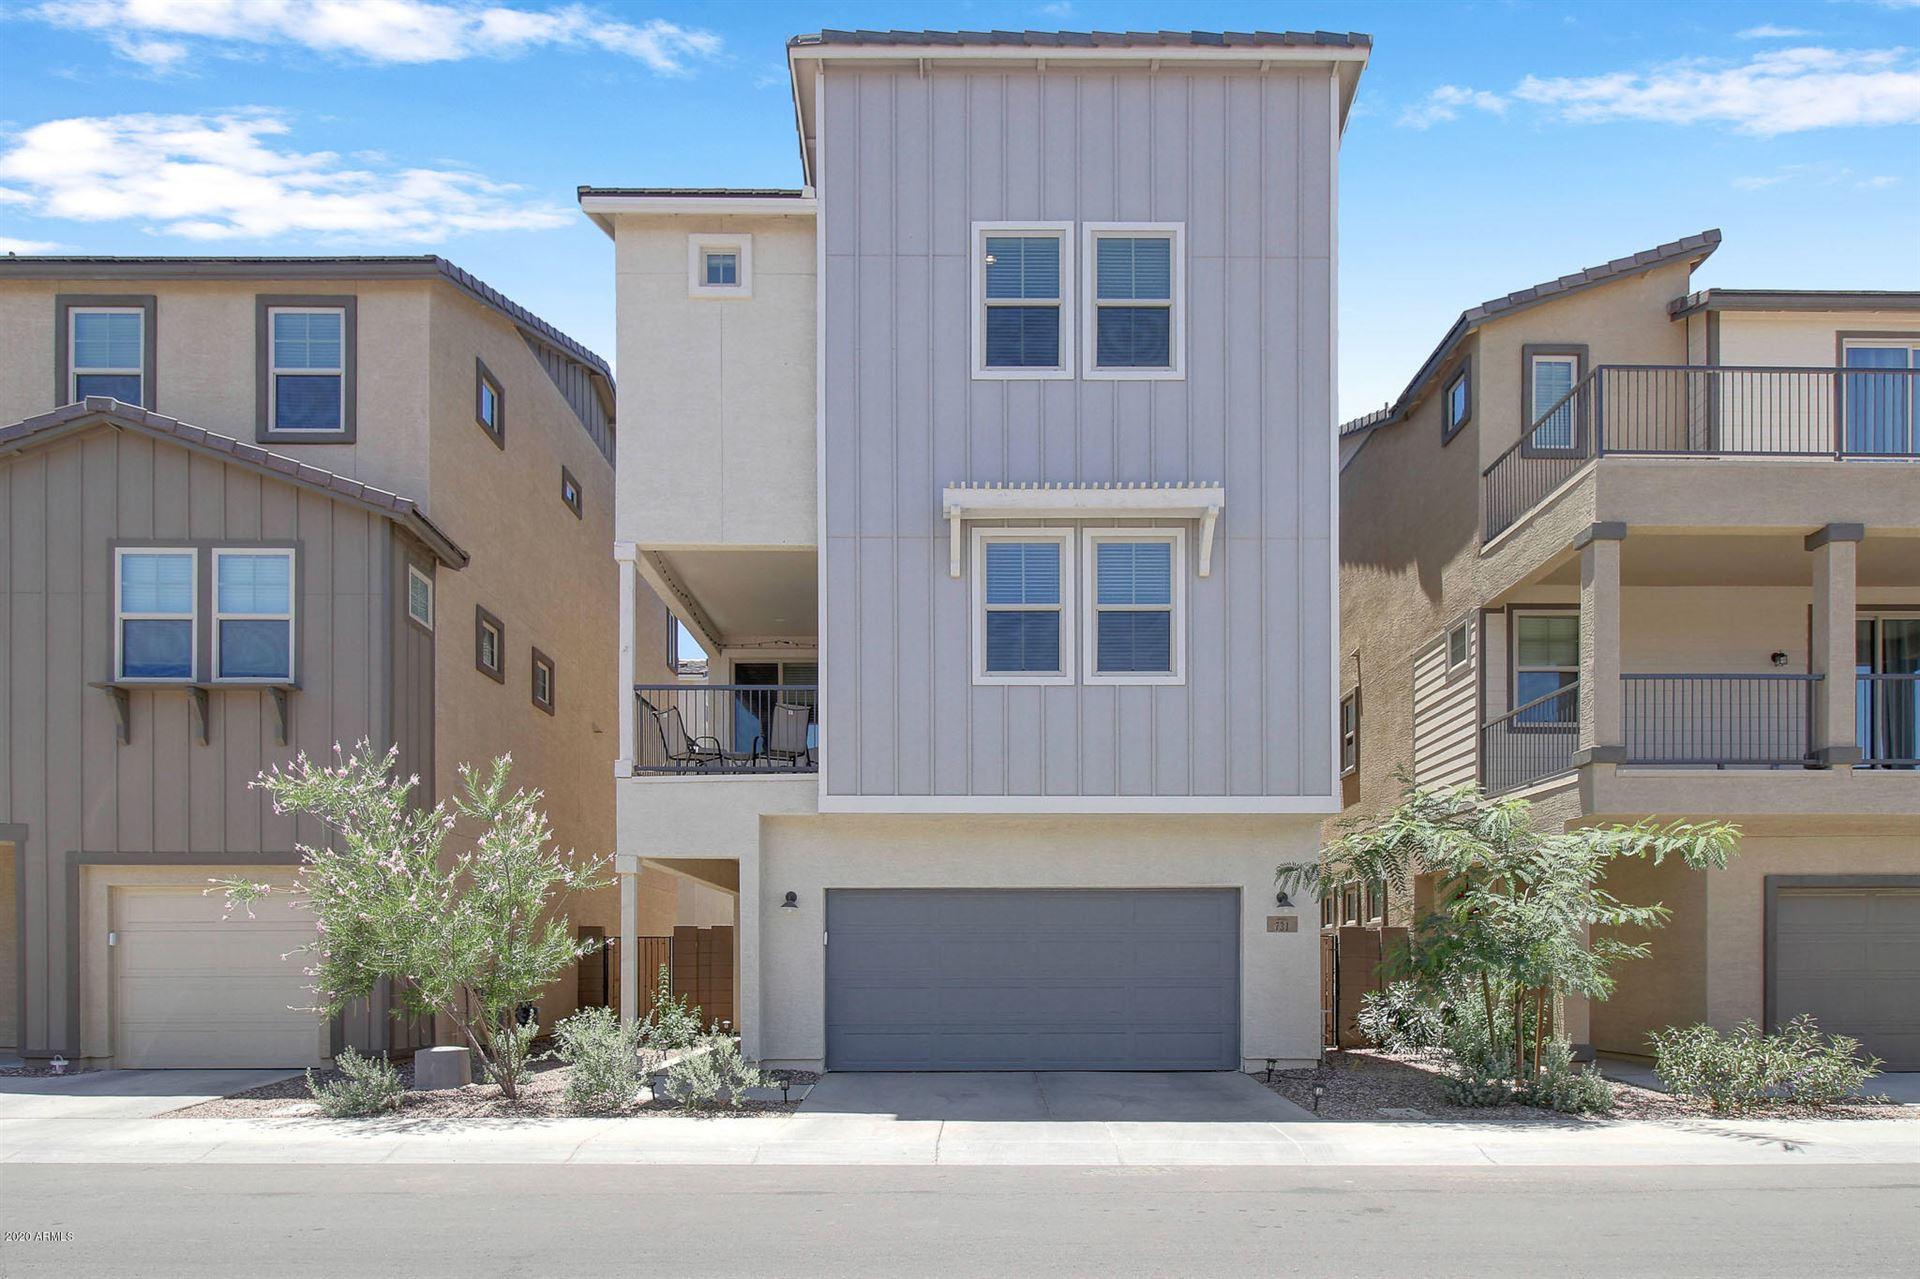 731 W WINCHESTER Drive, Chandler, AZ 85286 - #: 6099162